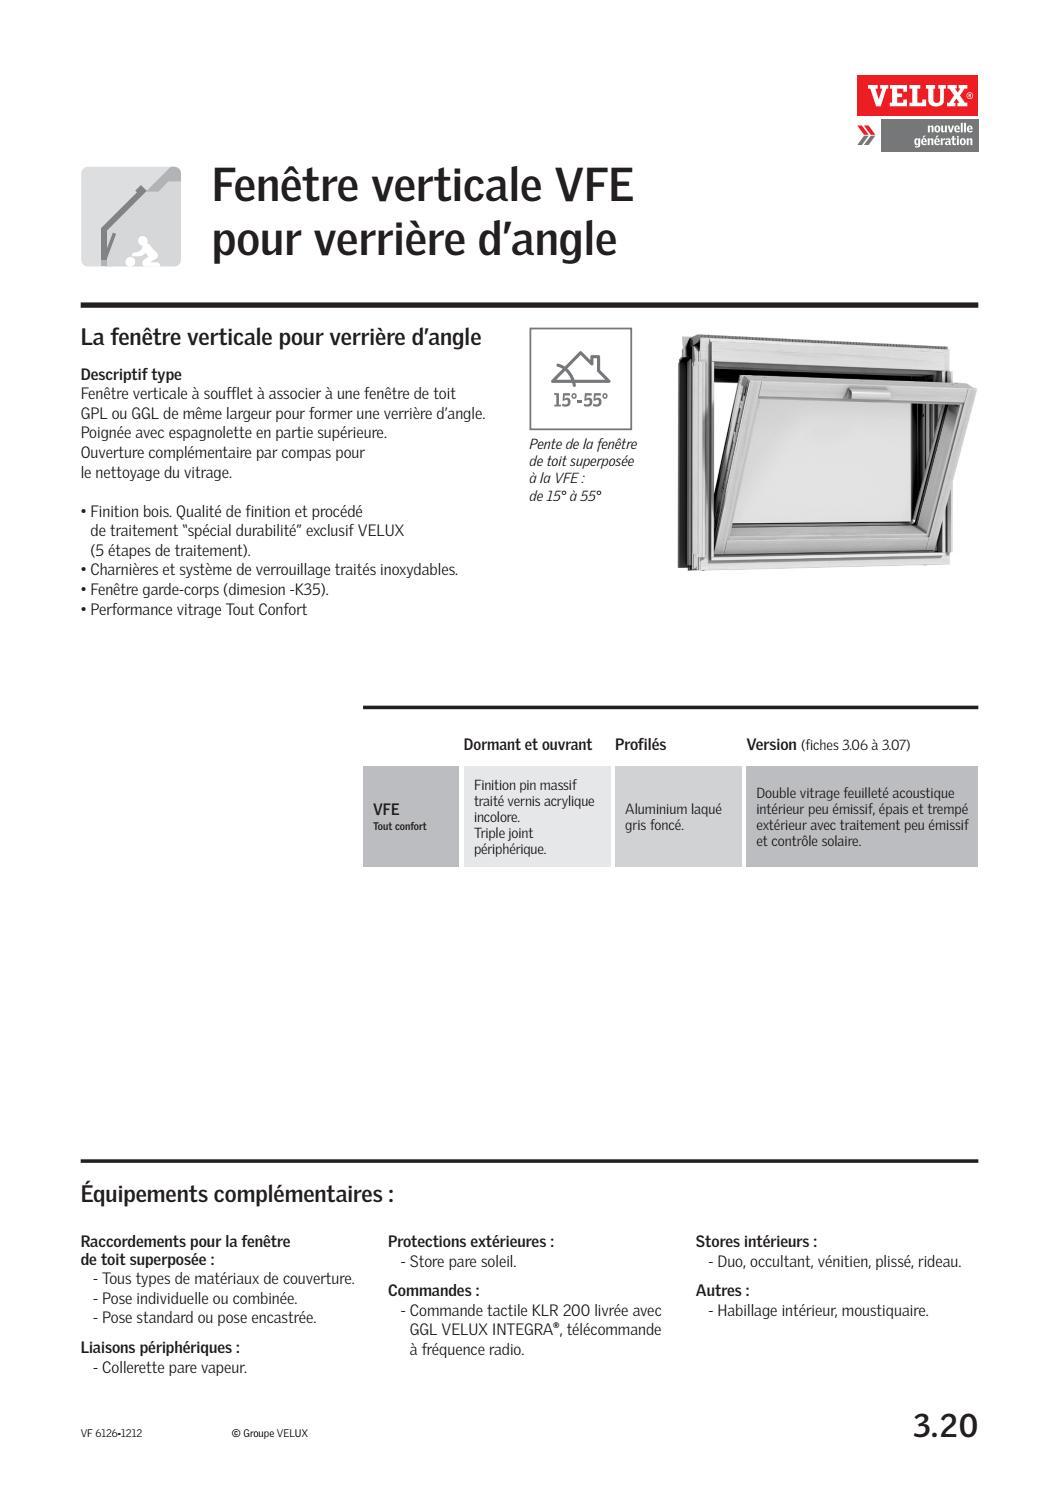 Fiche Technique Fenetre Verticale Vfe Pour Verrieres D Angle